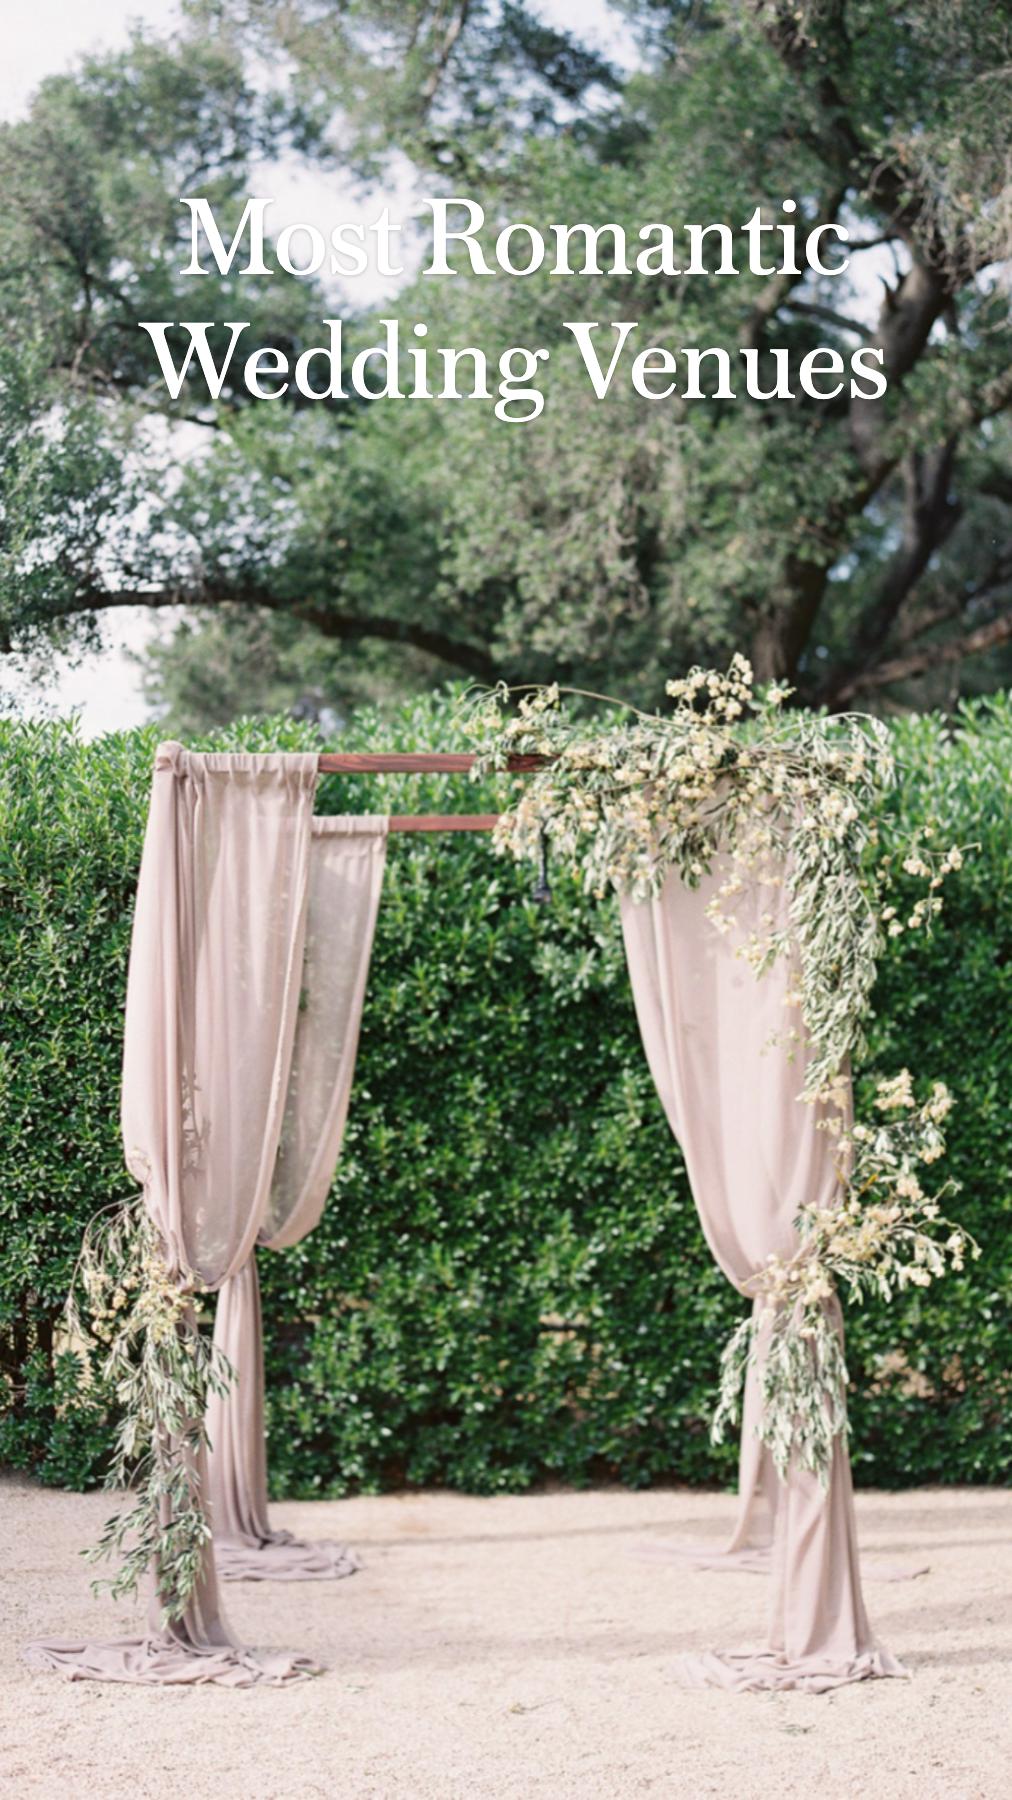 Most Romantic Wedding Venues